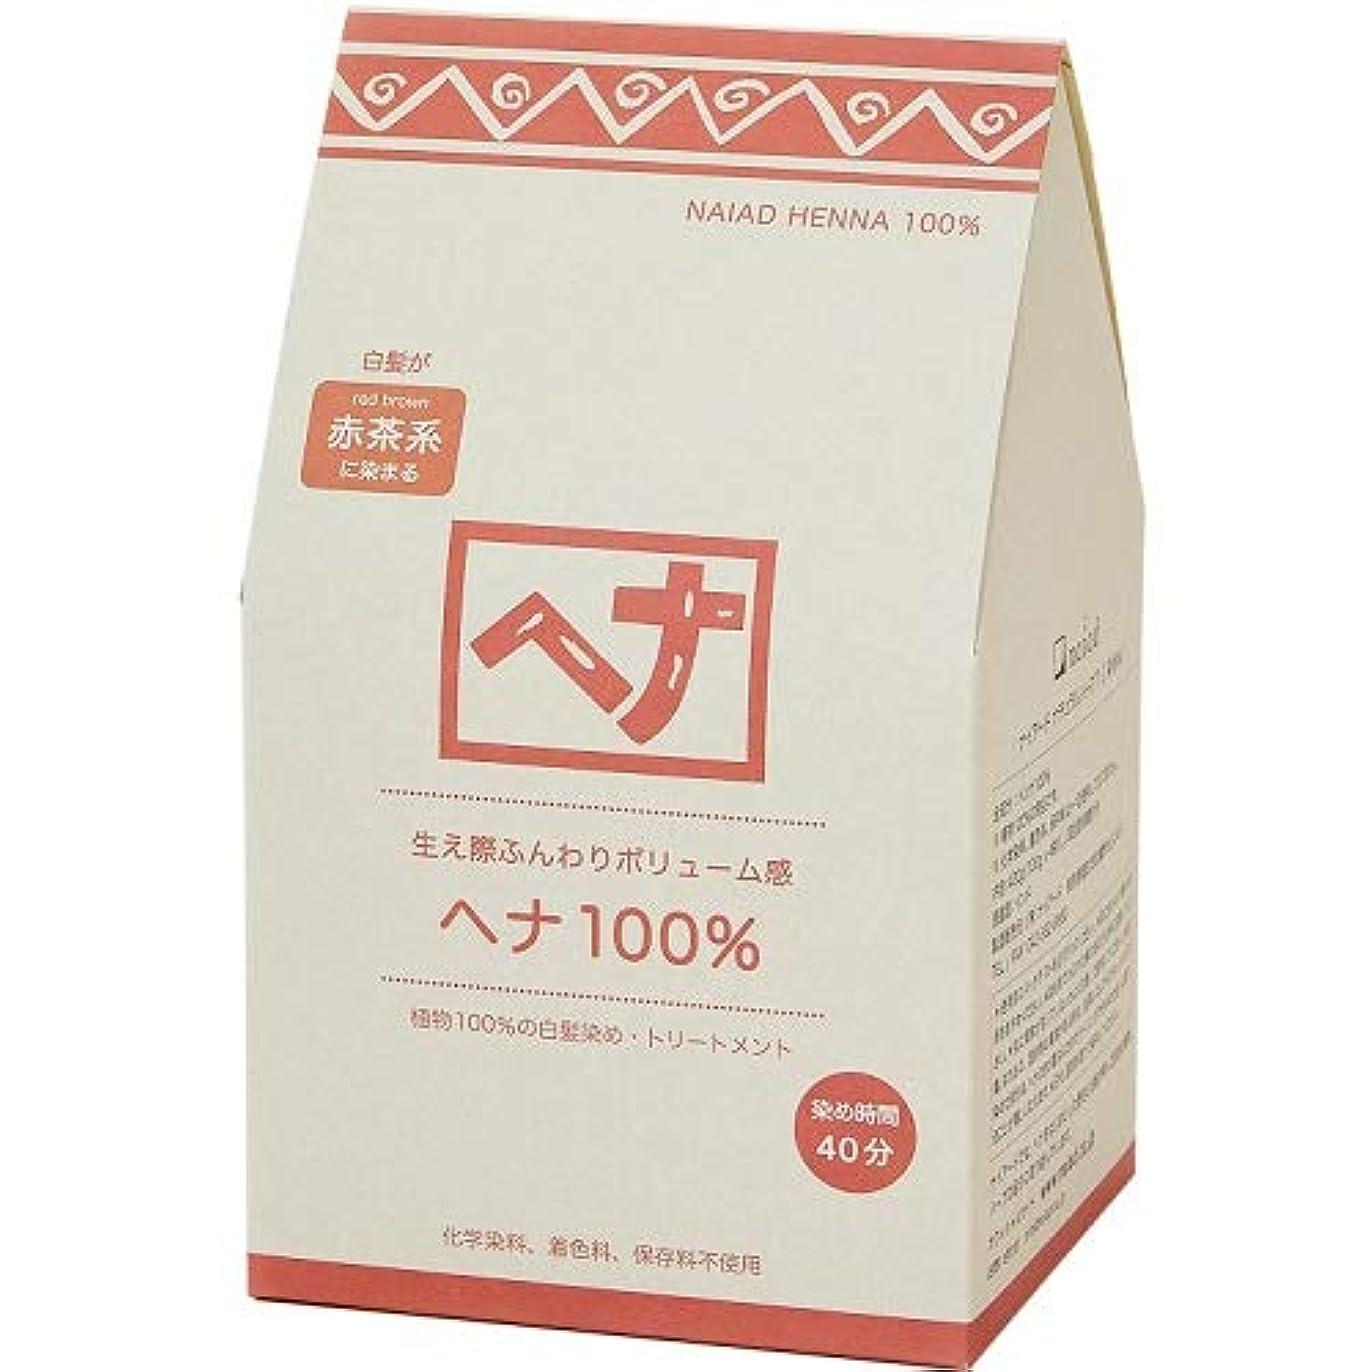 深さ変動する日食Naiad(ナイアード) ヘナ 100% 400g